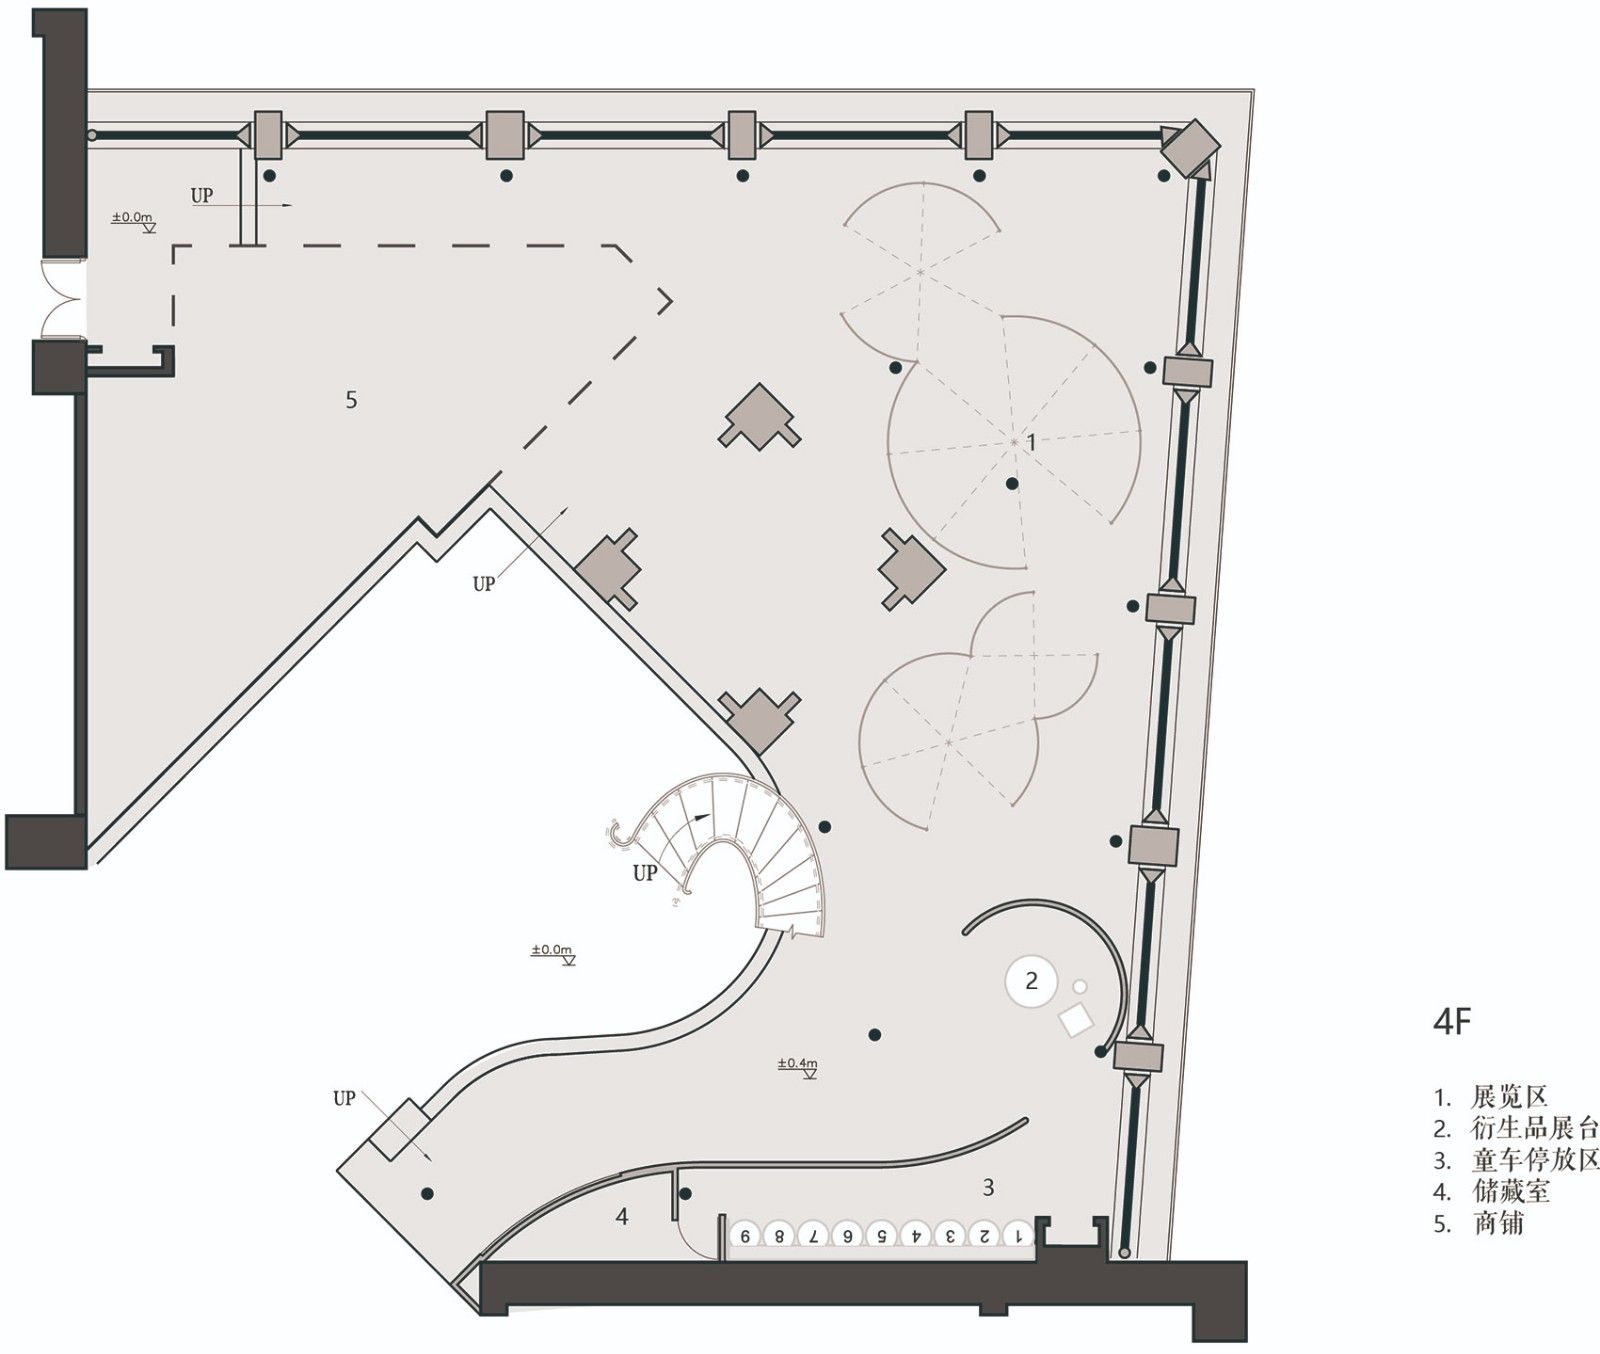 长风大悦城会员空间,上海 / 裸筑更新 裸筑更新建筑设计 - 35